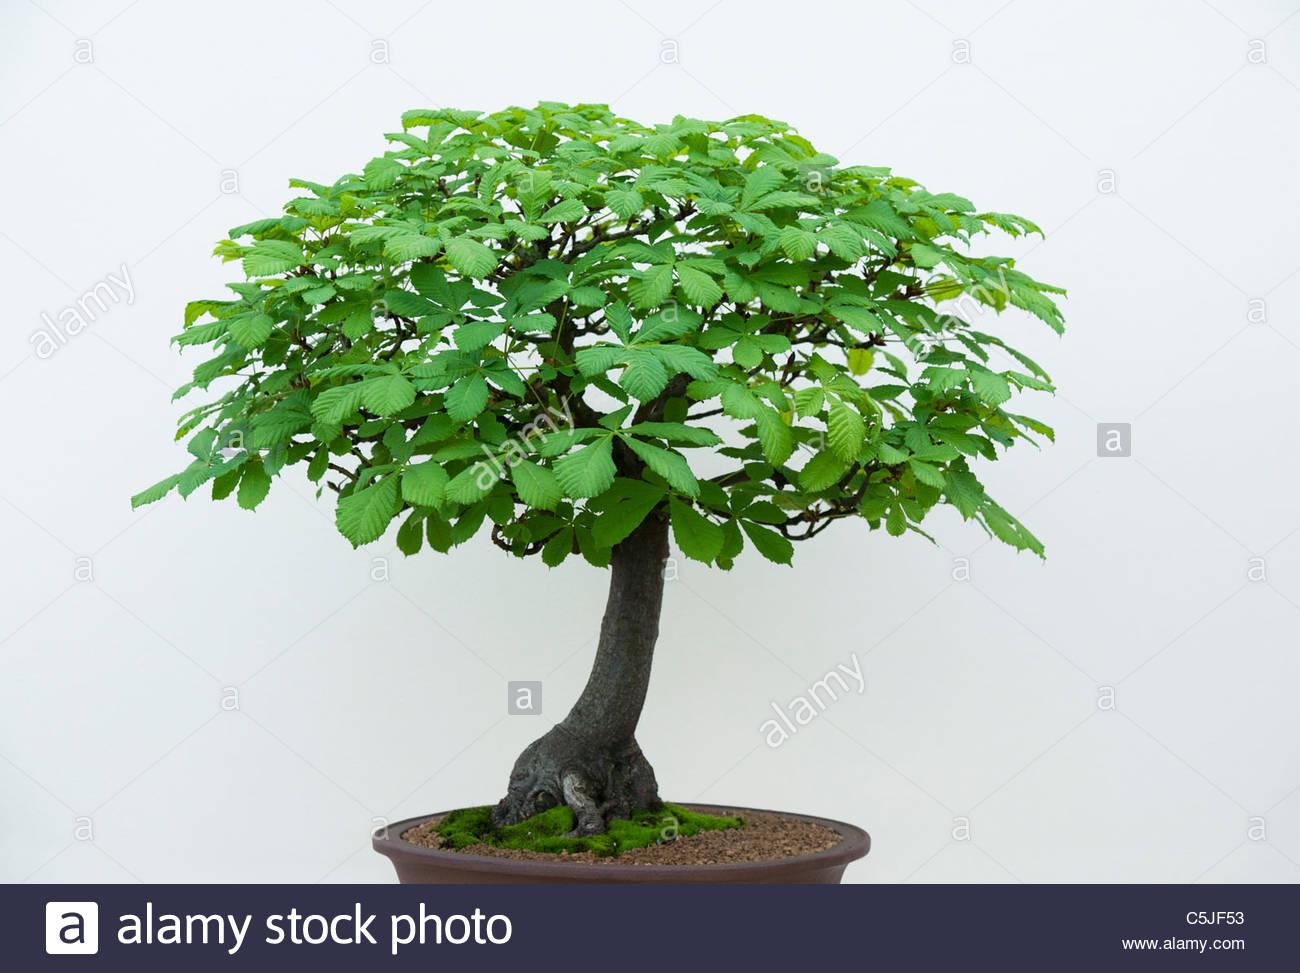 aesculus hippocastanum bonsai rosskastanie baum vor wei em hintergrund stockfoto bild. Black Bedroom Furniture Sets. Home Design Ideas